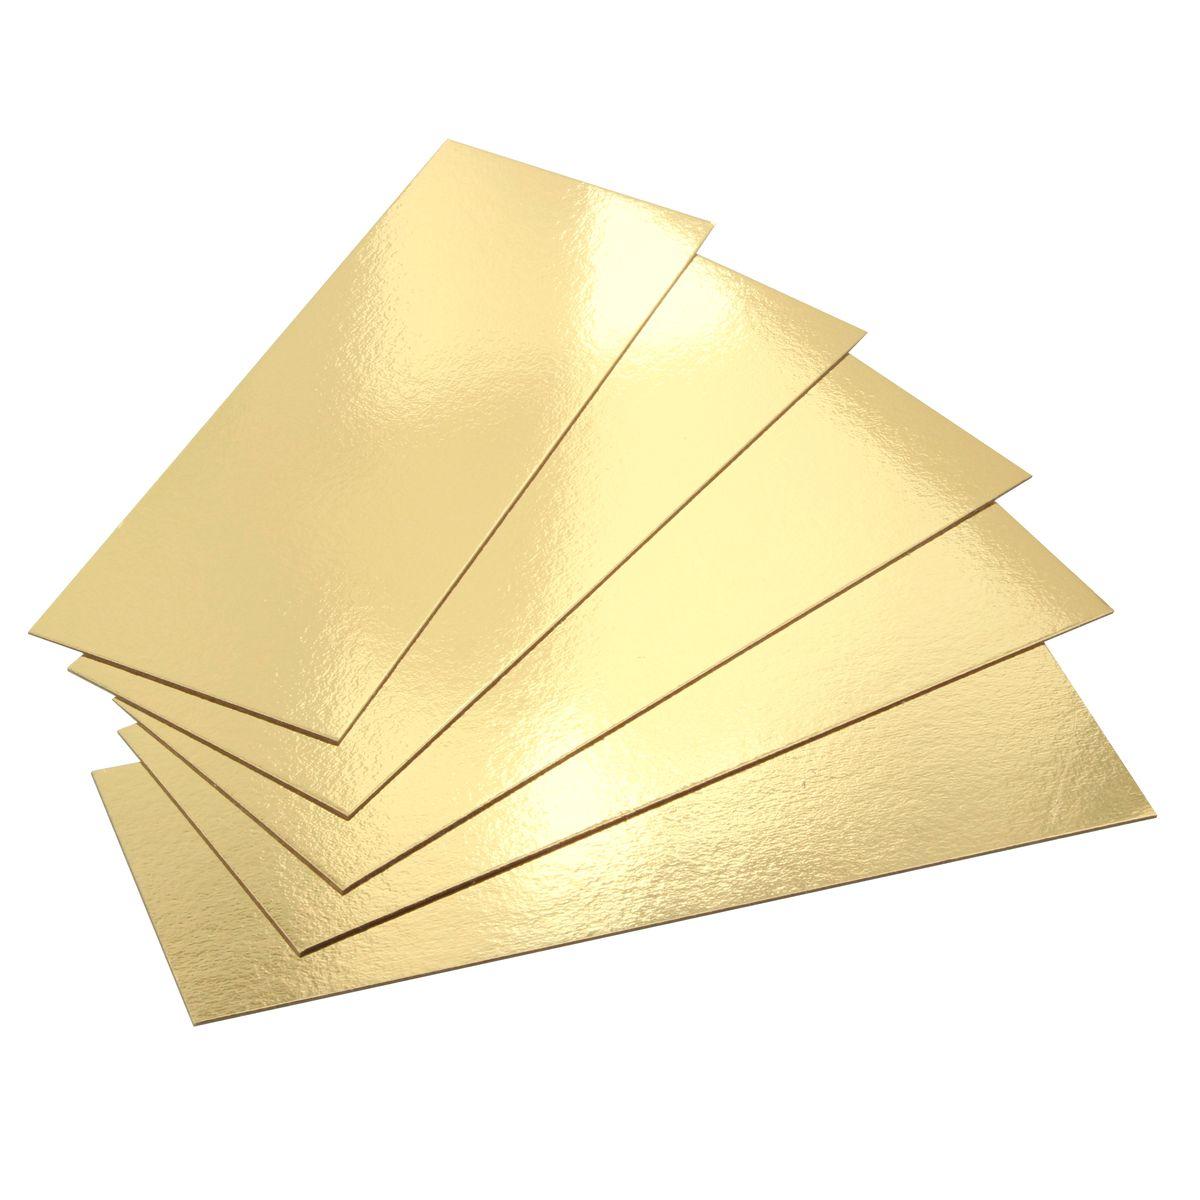 5 supports à gâteaux rectangulaires dorés 29.5 x 10 cm - Gatodeco